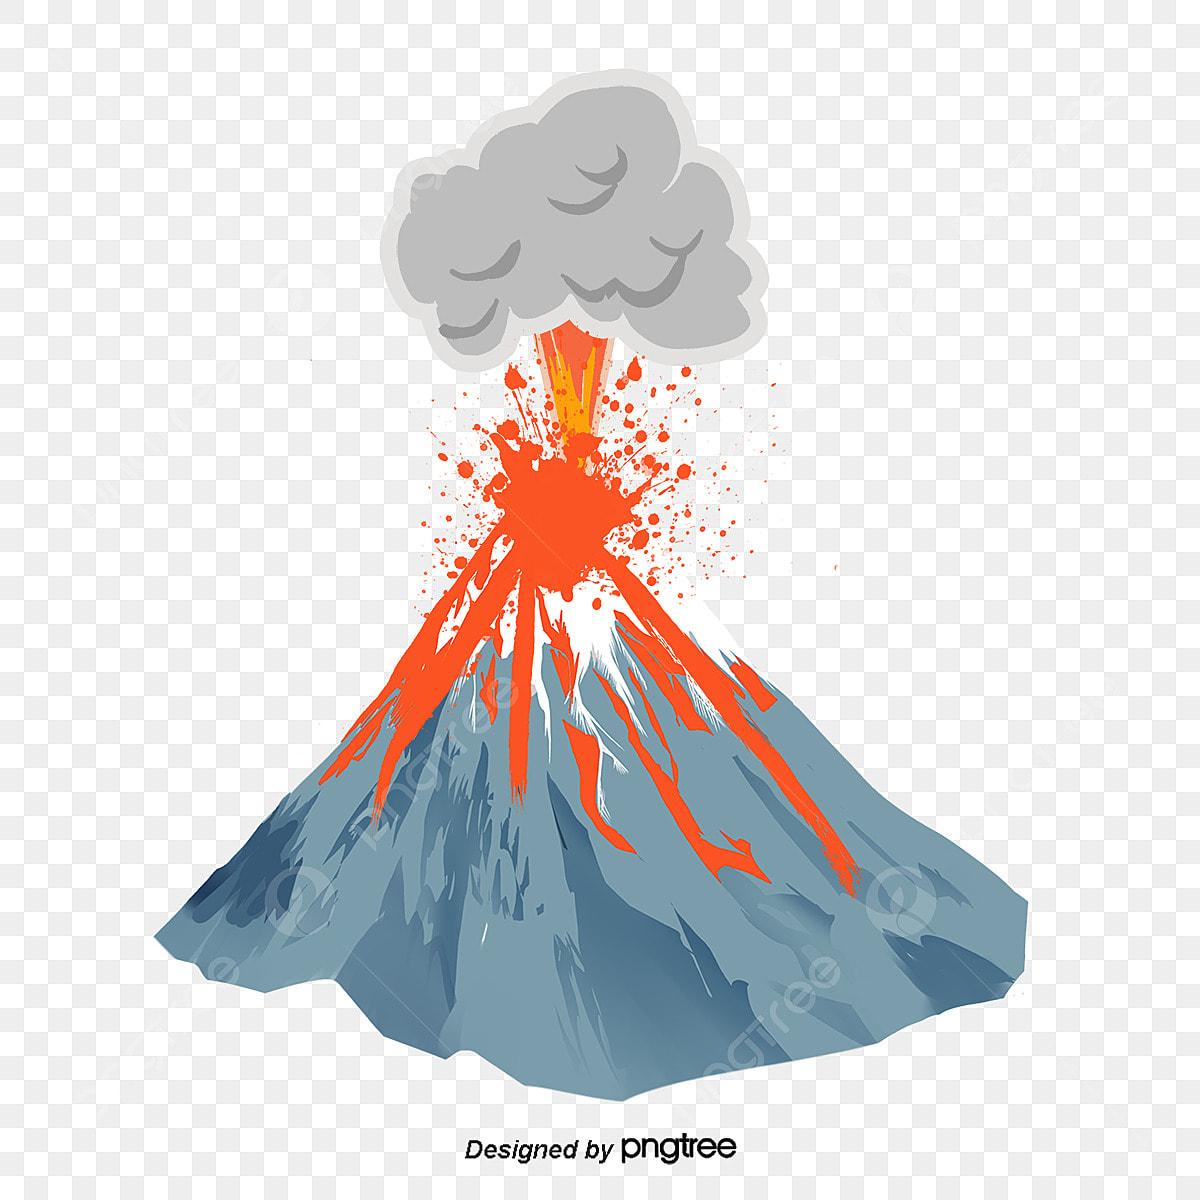 L Eruption Volcanique Clipart De Volcan Creatif Dessin Anime Fichier Png Et Psd Pour Le Telechargement Libre